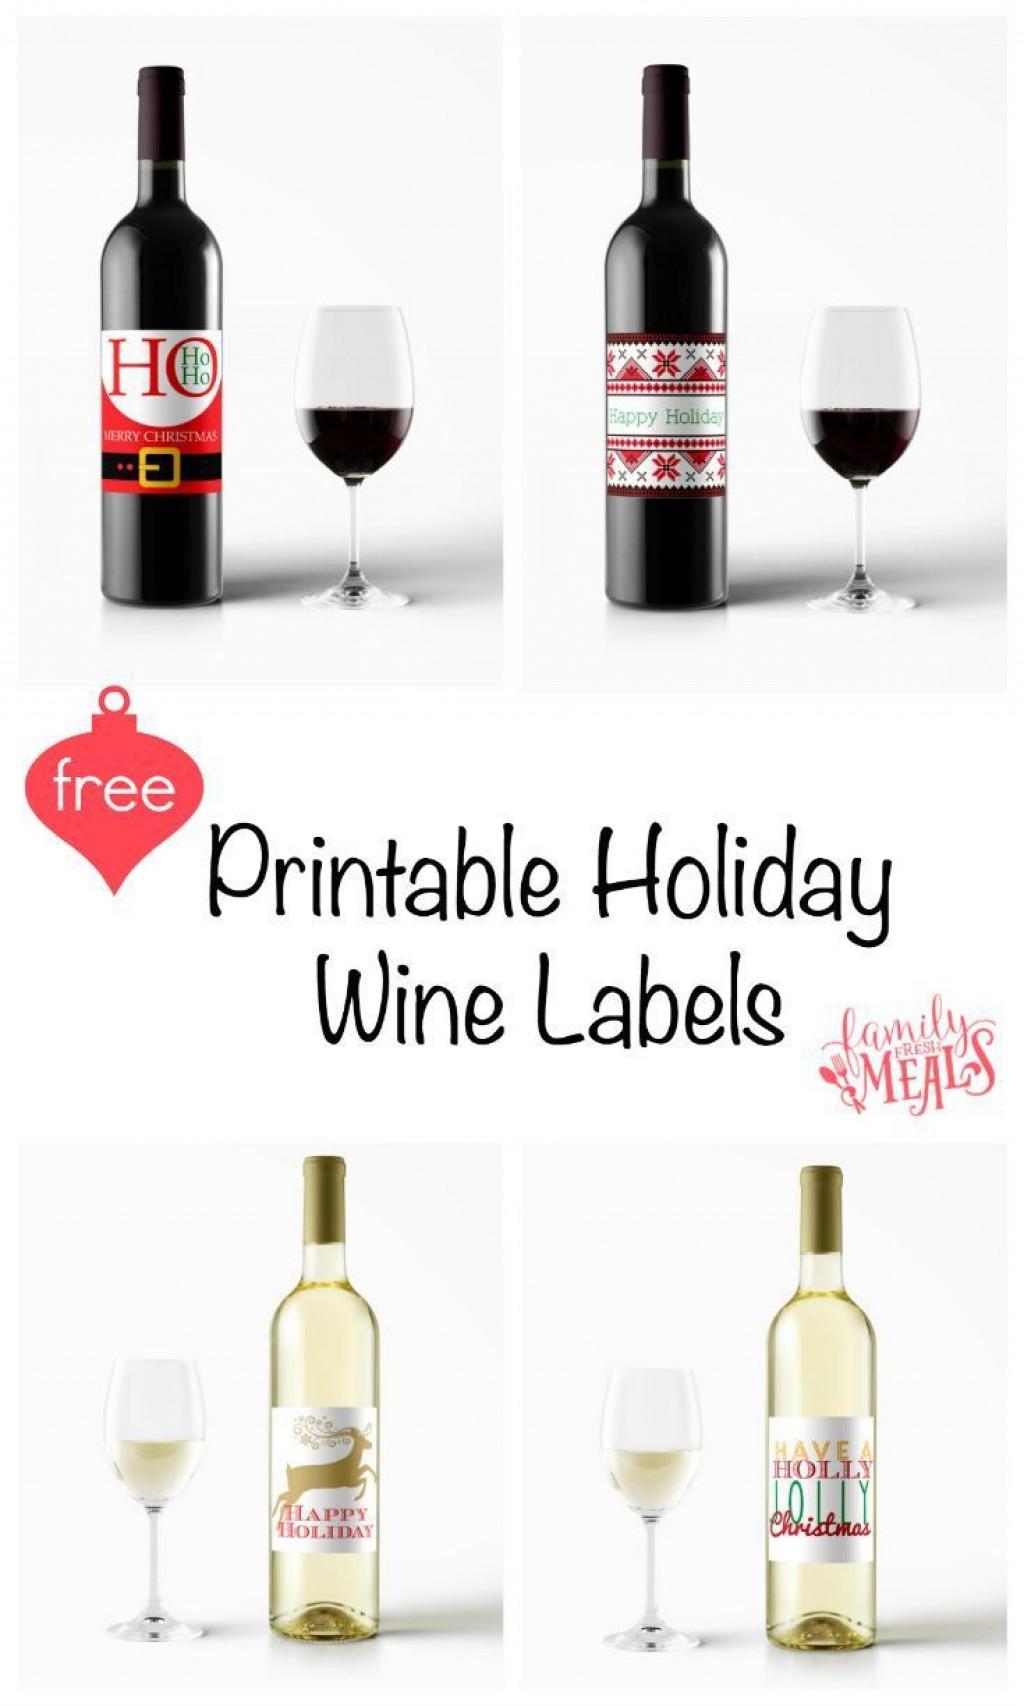 001 Singular Free Wine Label Template Design  Online Custom Downloadable BottleLarge